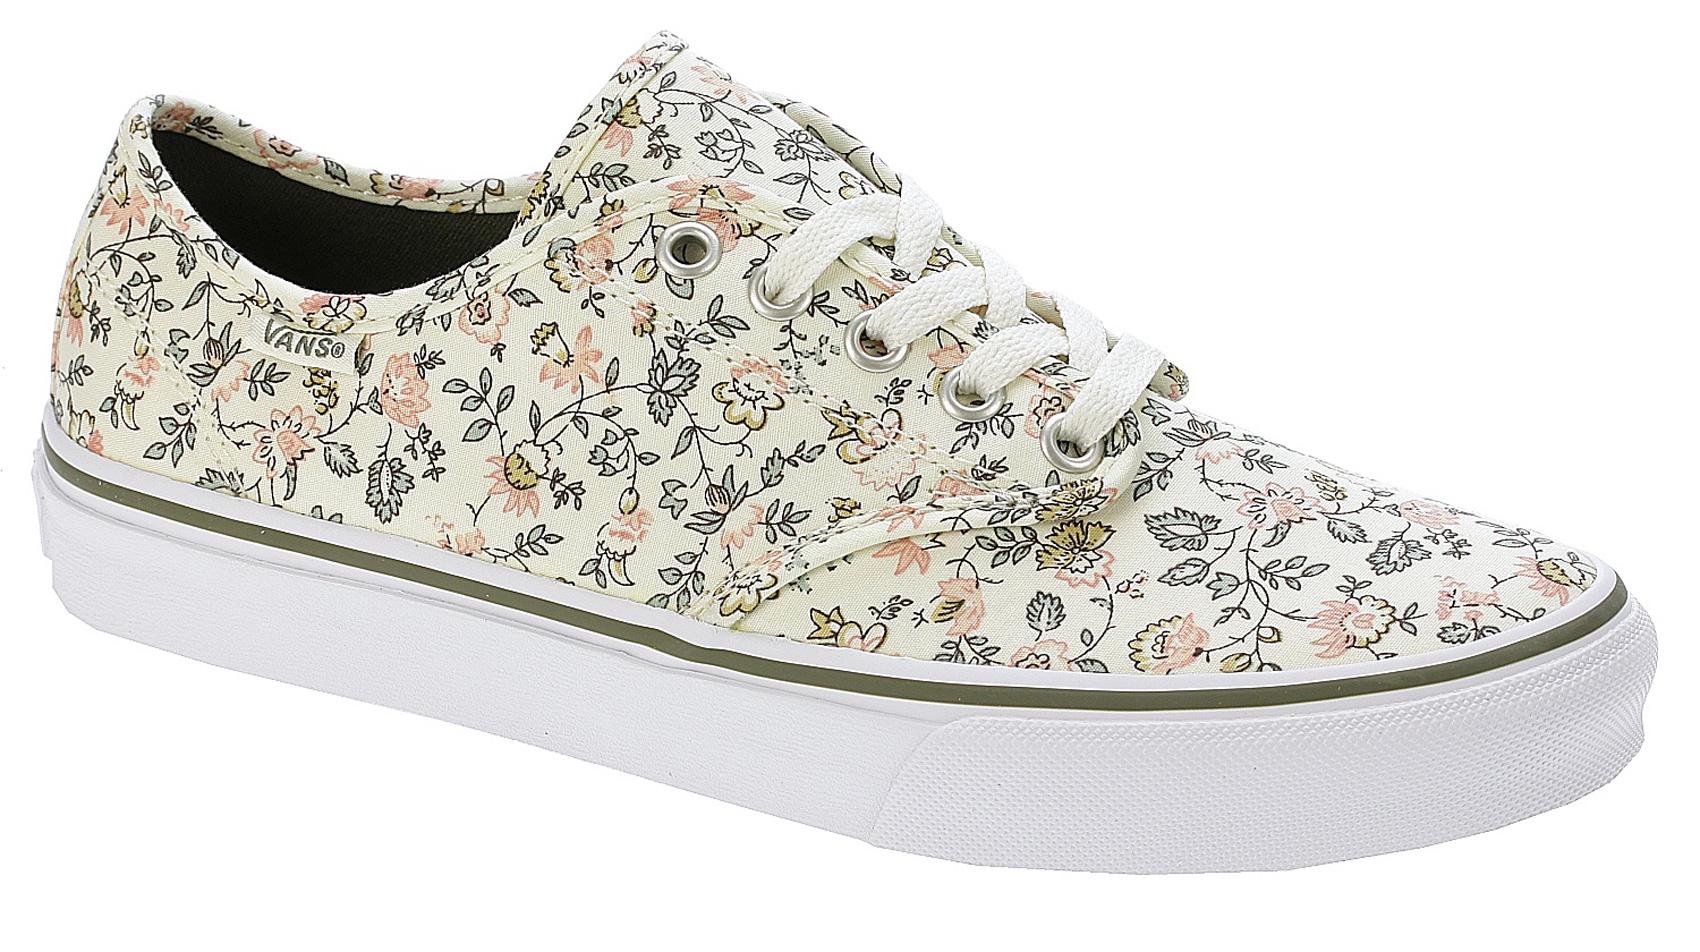 127c4625c160d3 Details about Vans Womens Skate Shoes - Camden Stripe - Vintage Floral